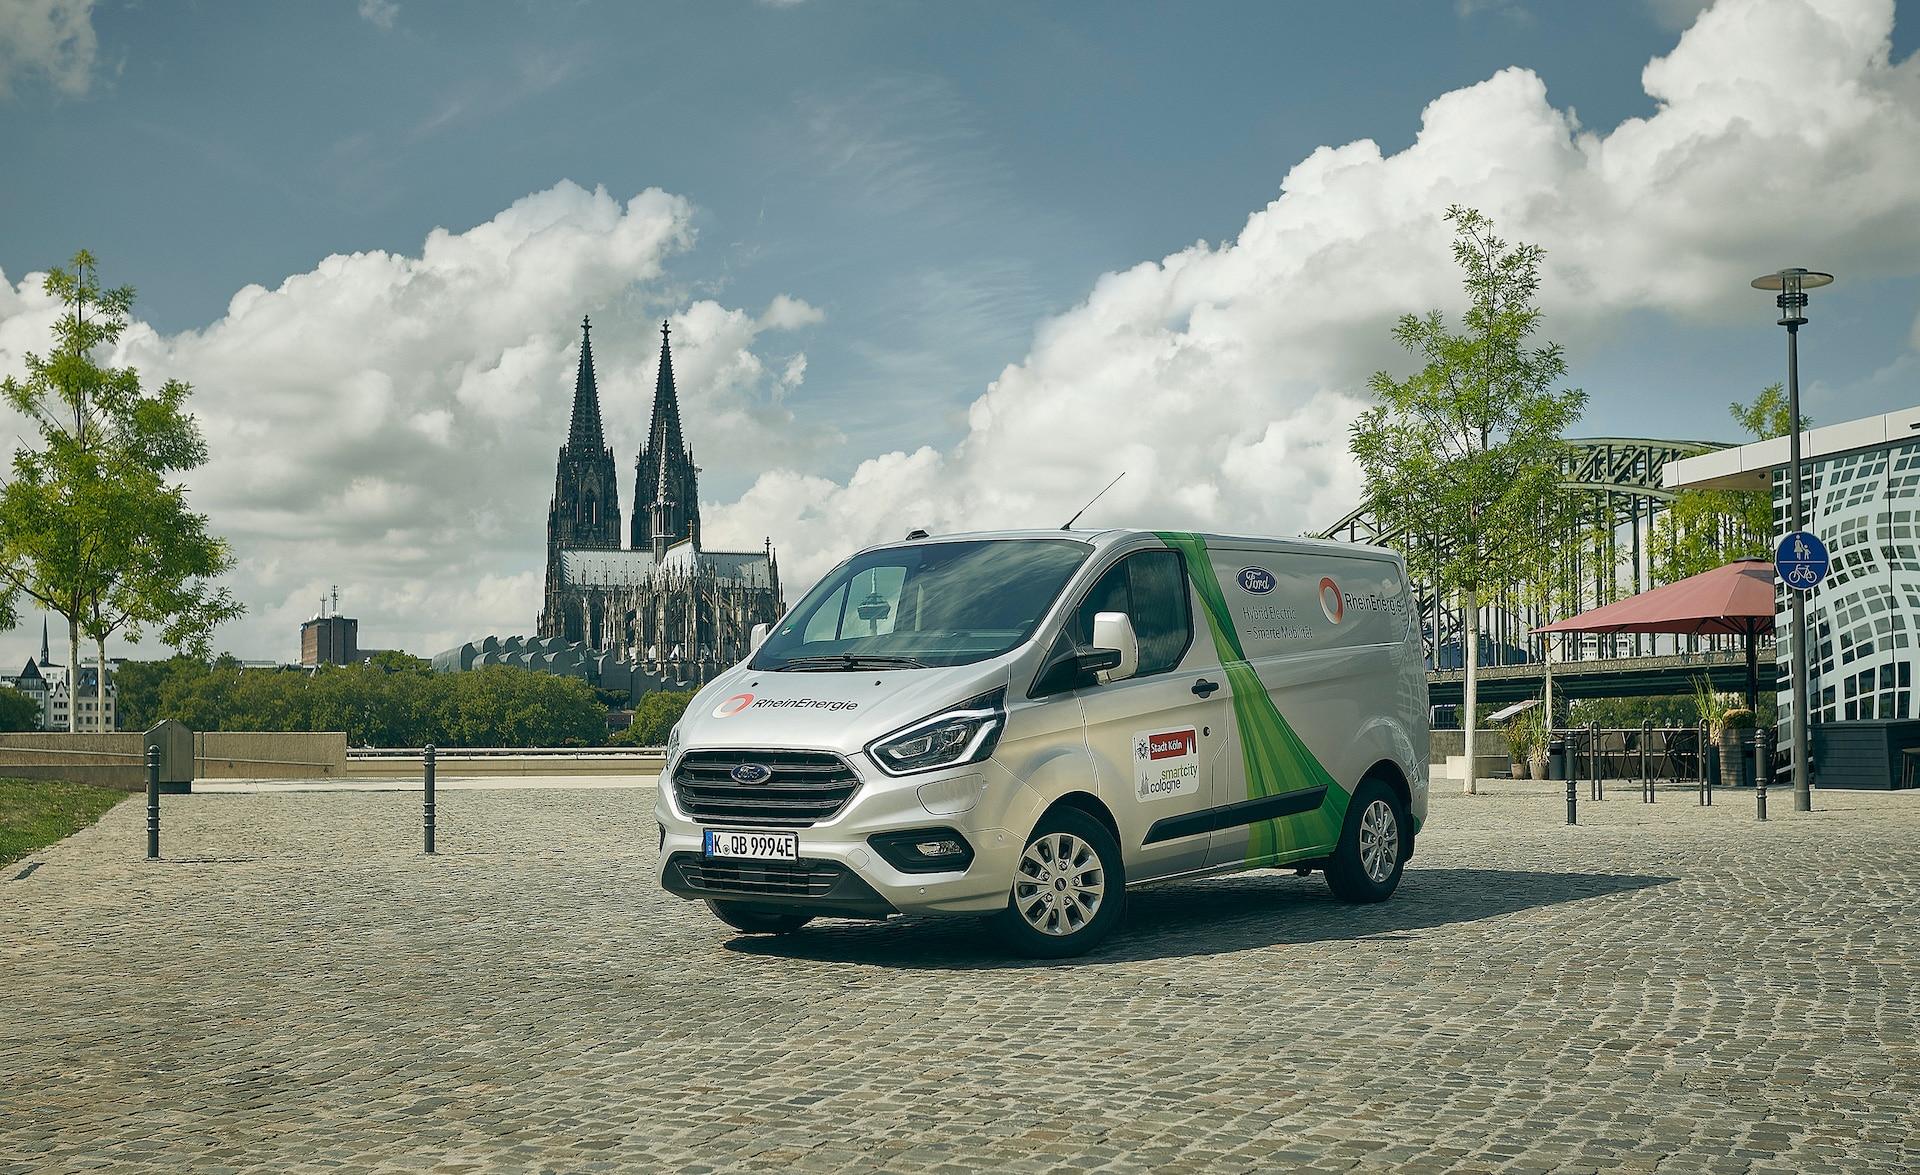 Ford-Plug-in-Hybrid-Nachhaltigkeit-Geofencing-Blockchain